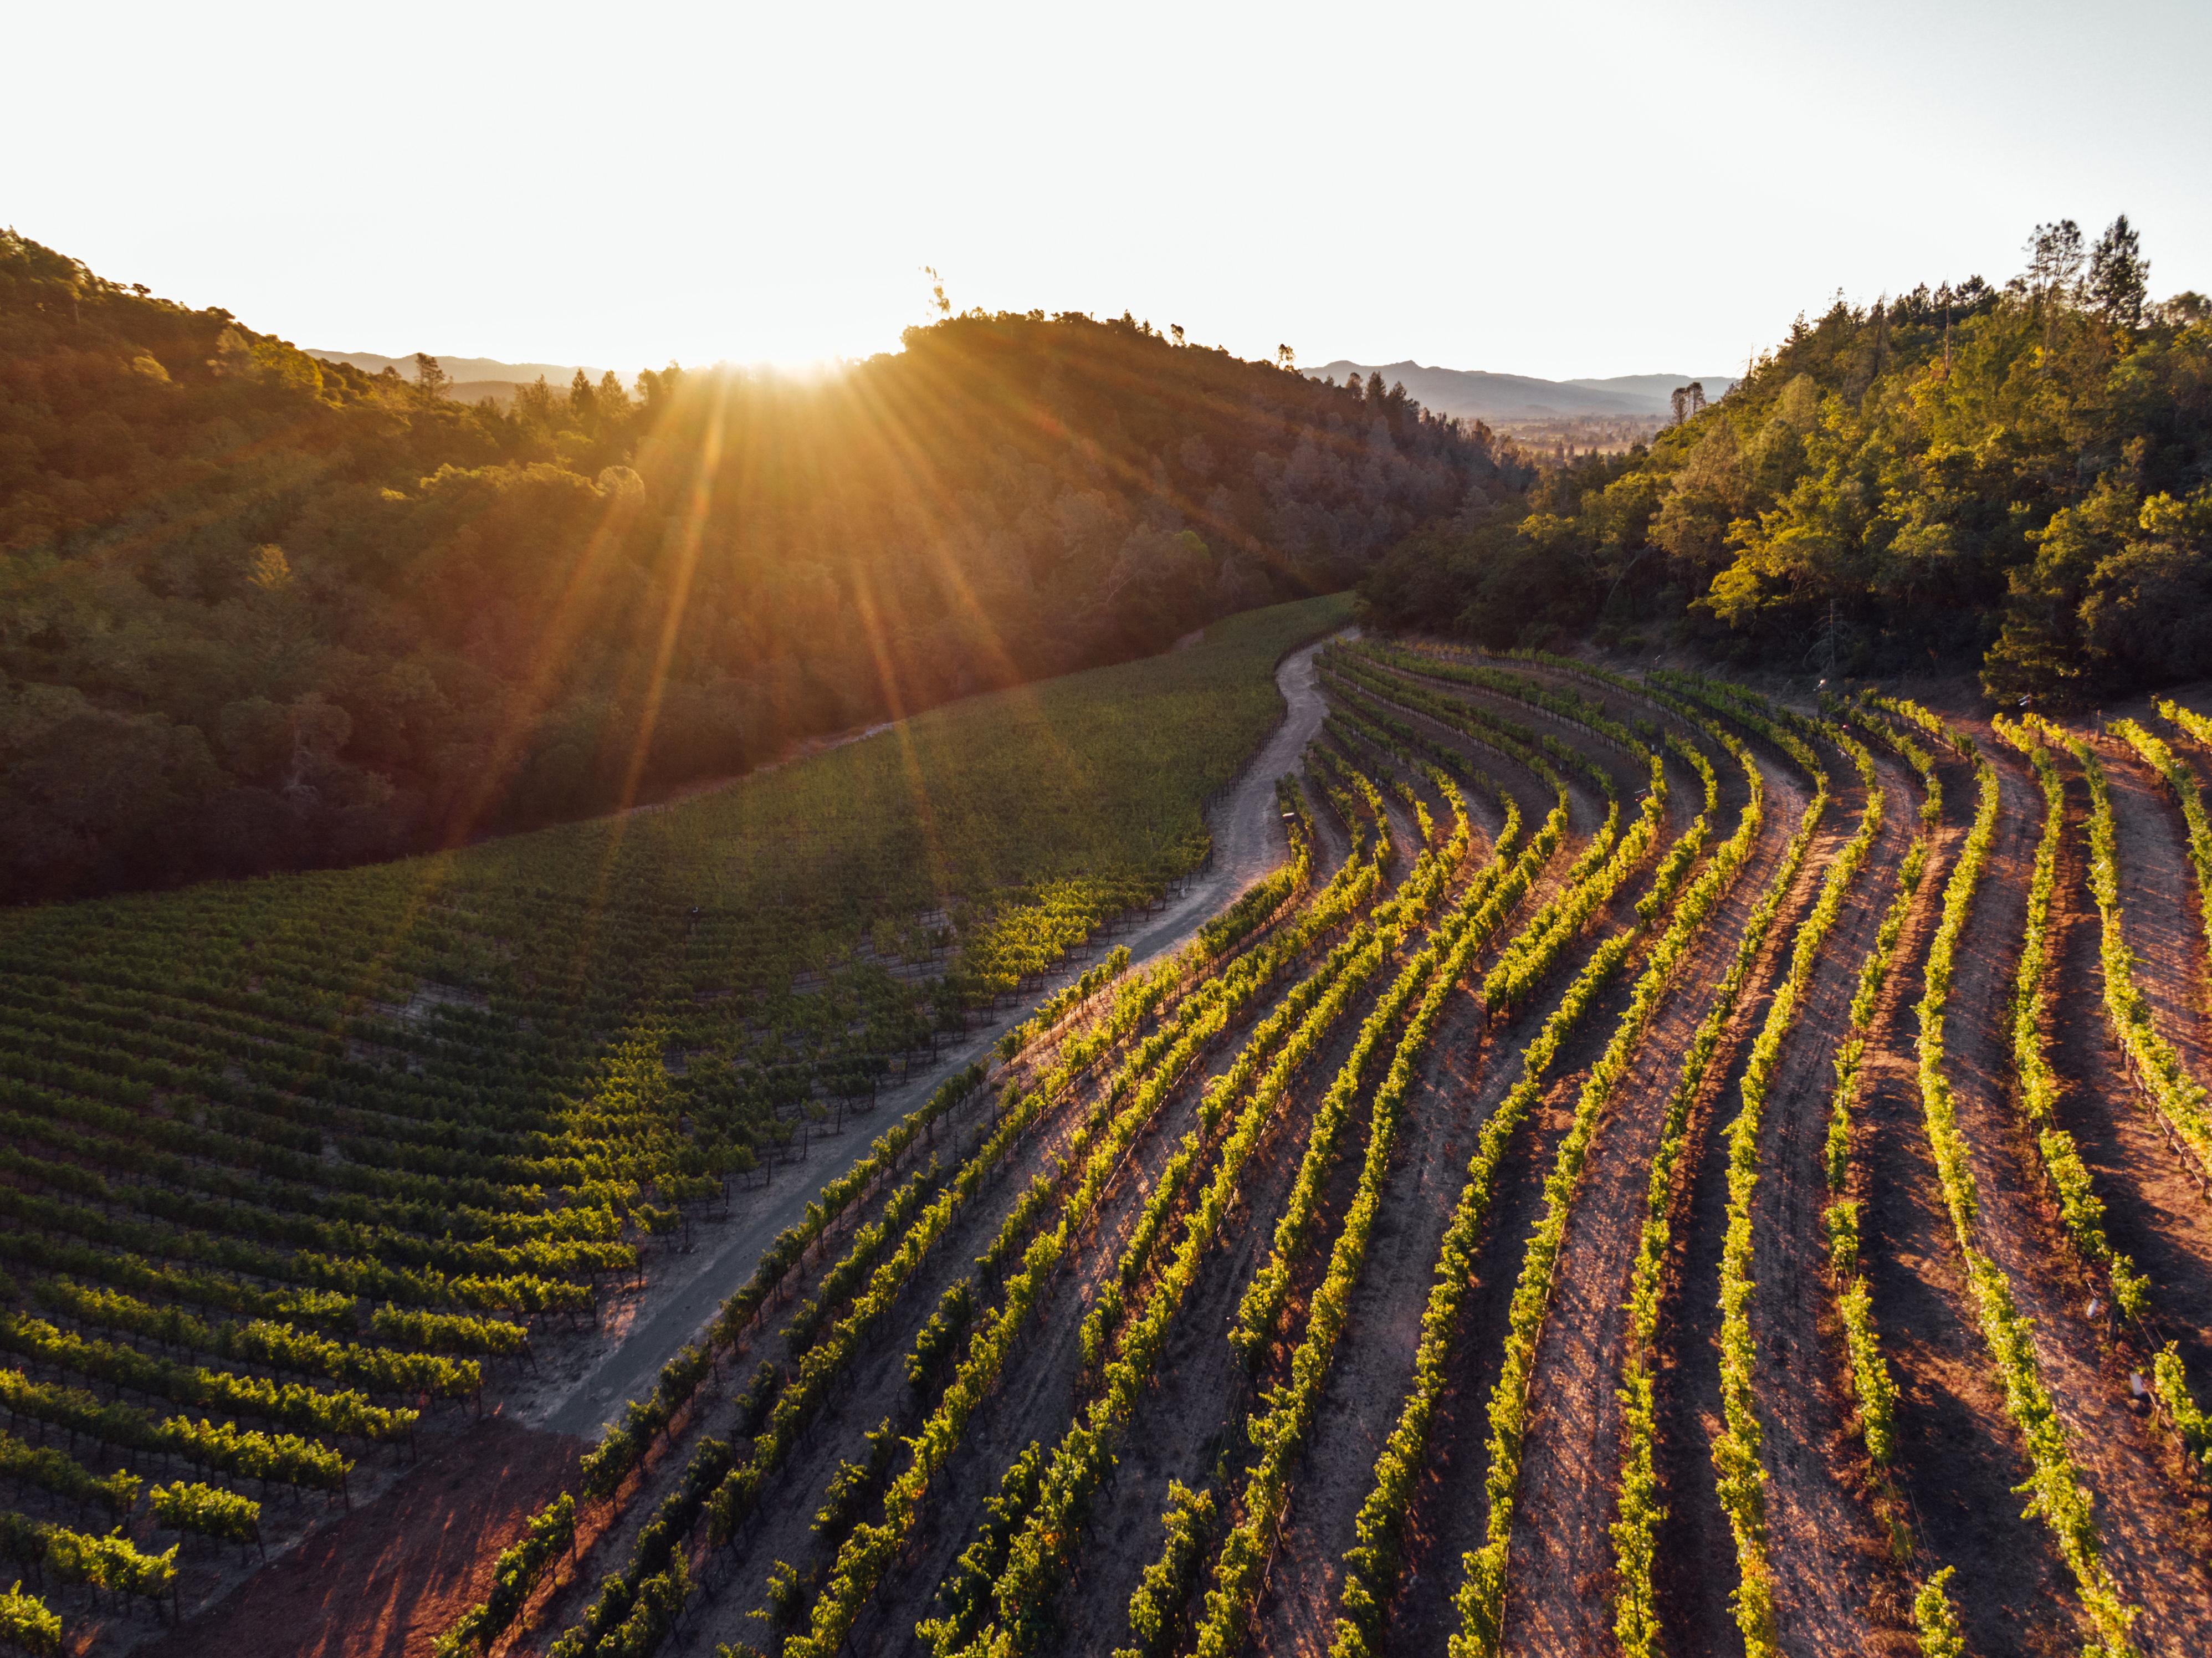 Blog-Coravin Taste of Harvest Blog #3